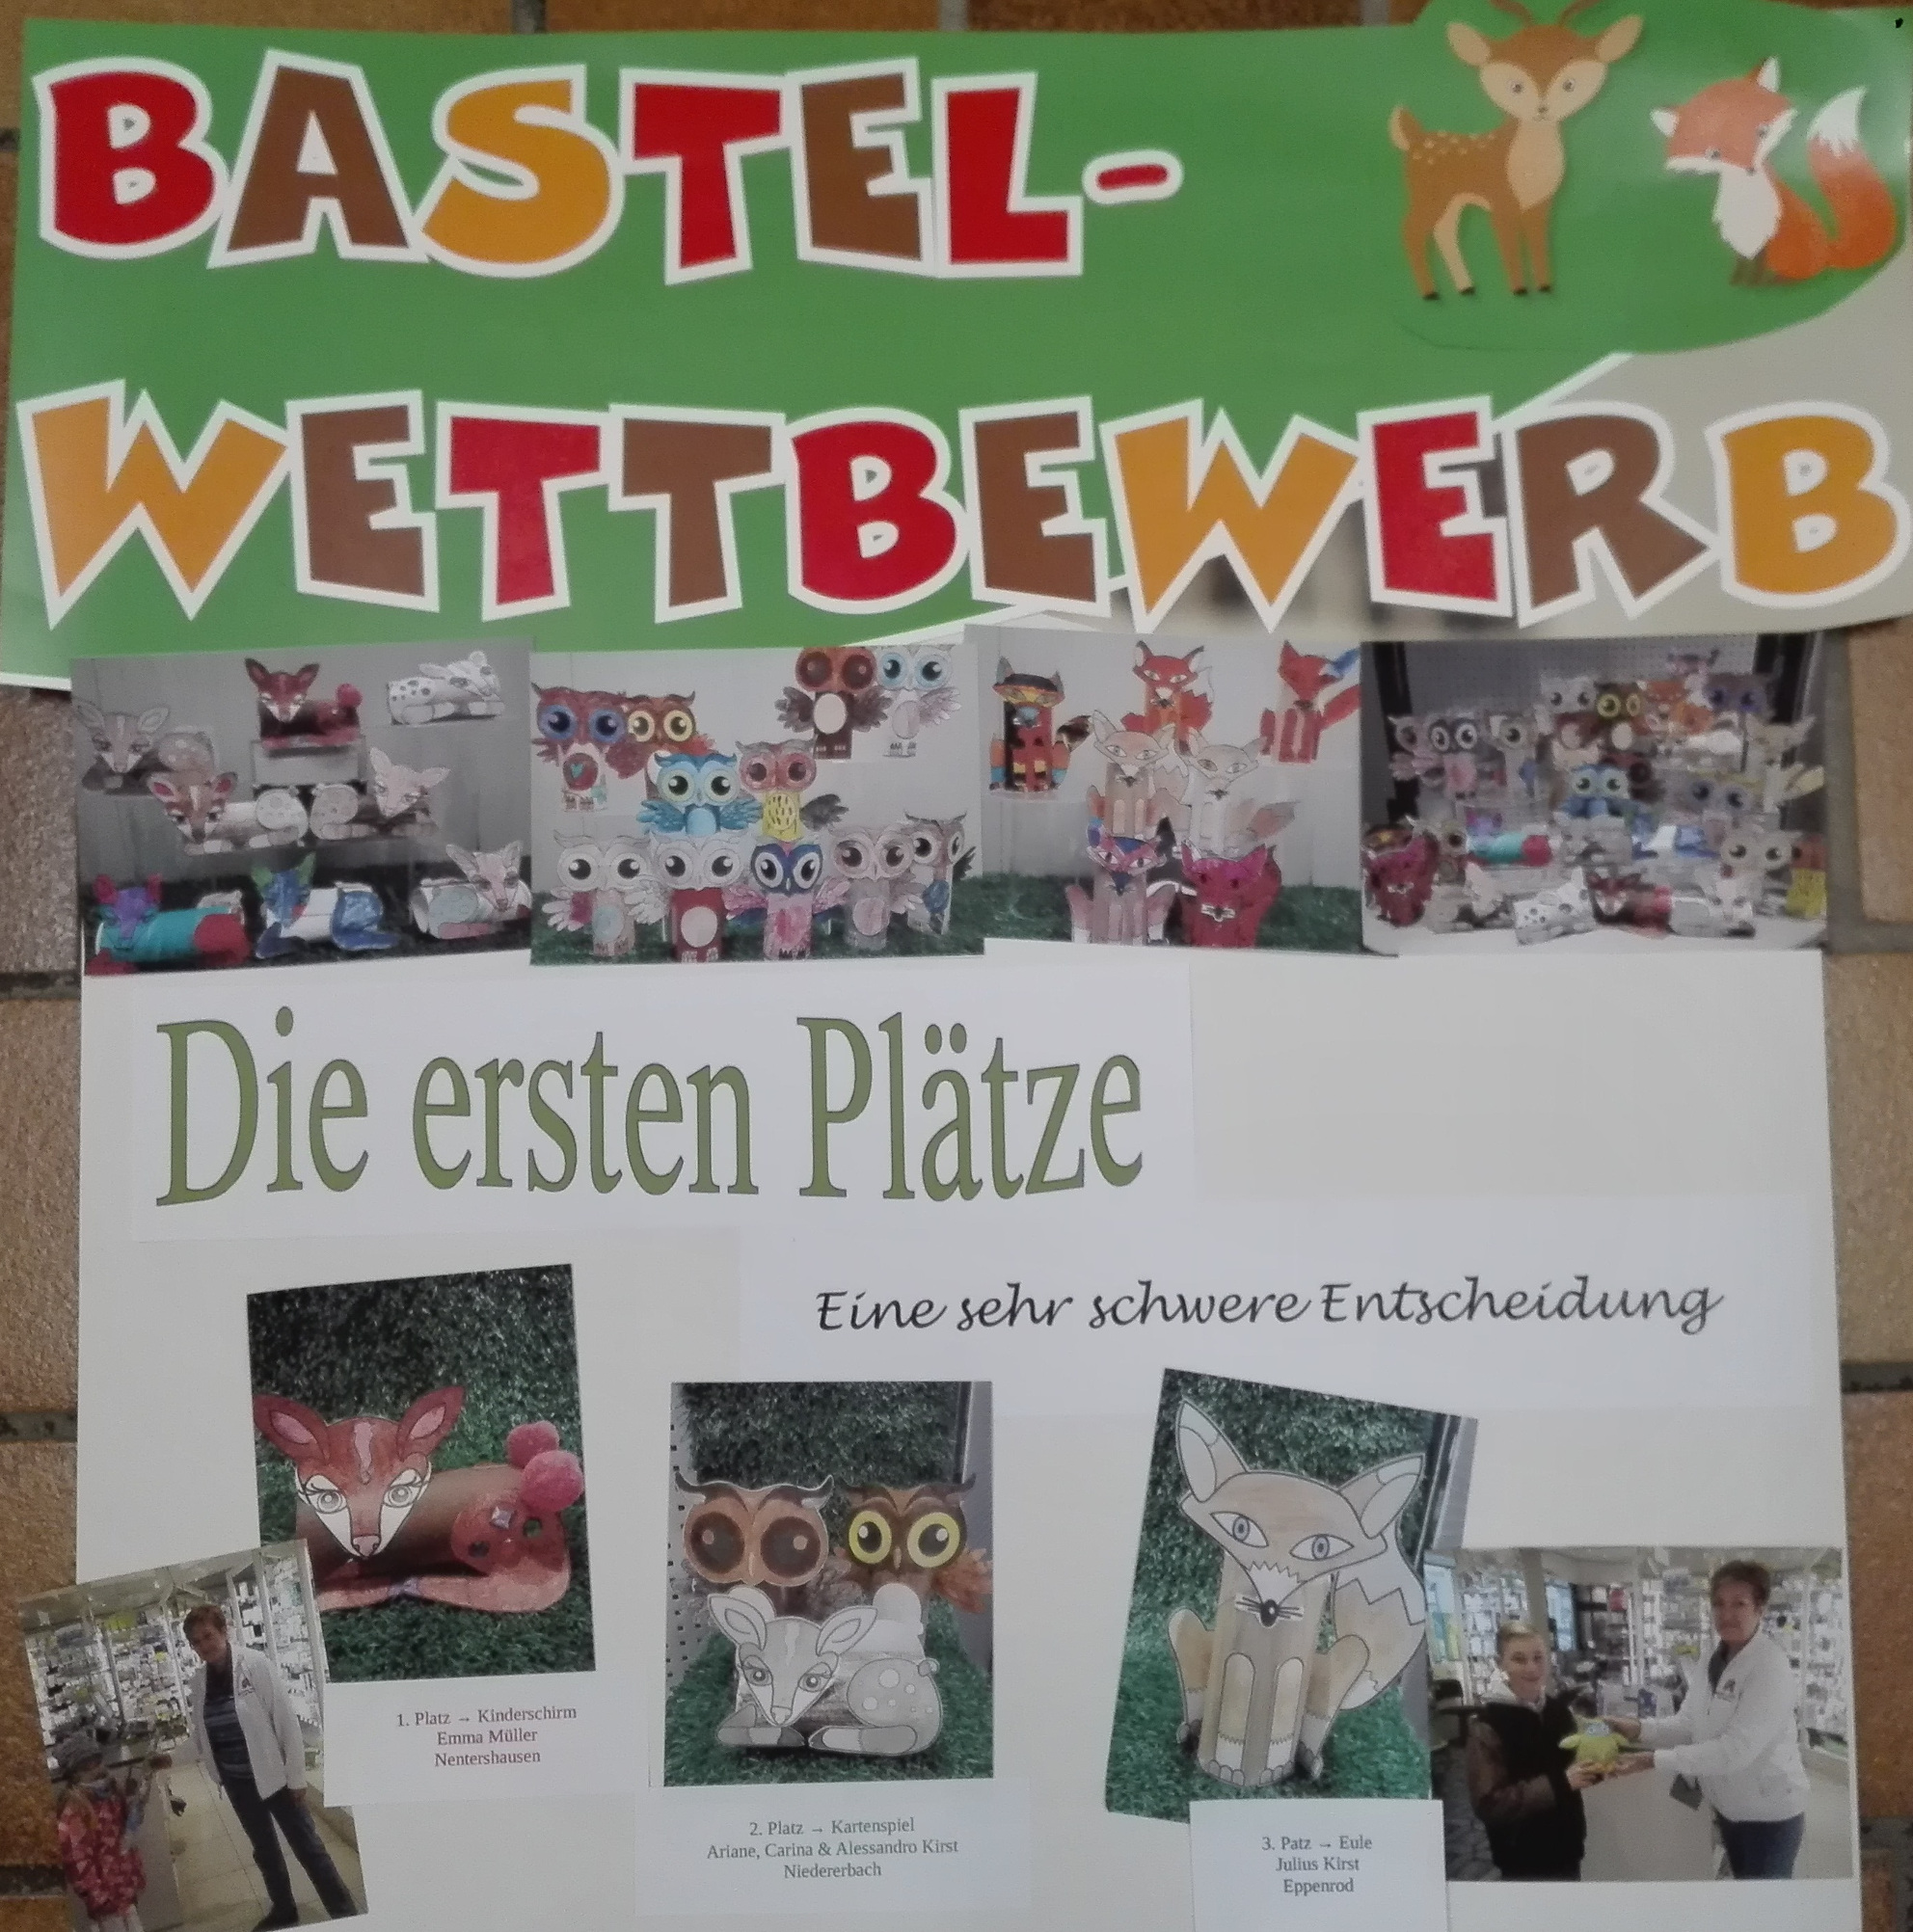 Bastelaktion Eisbachtal Apotheke